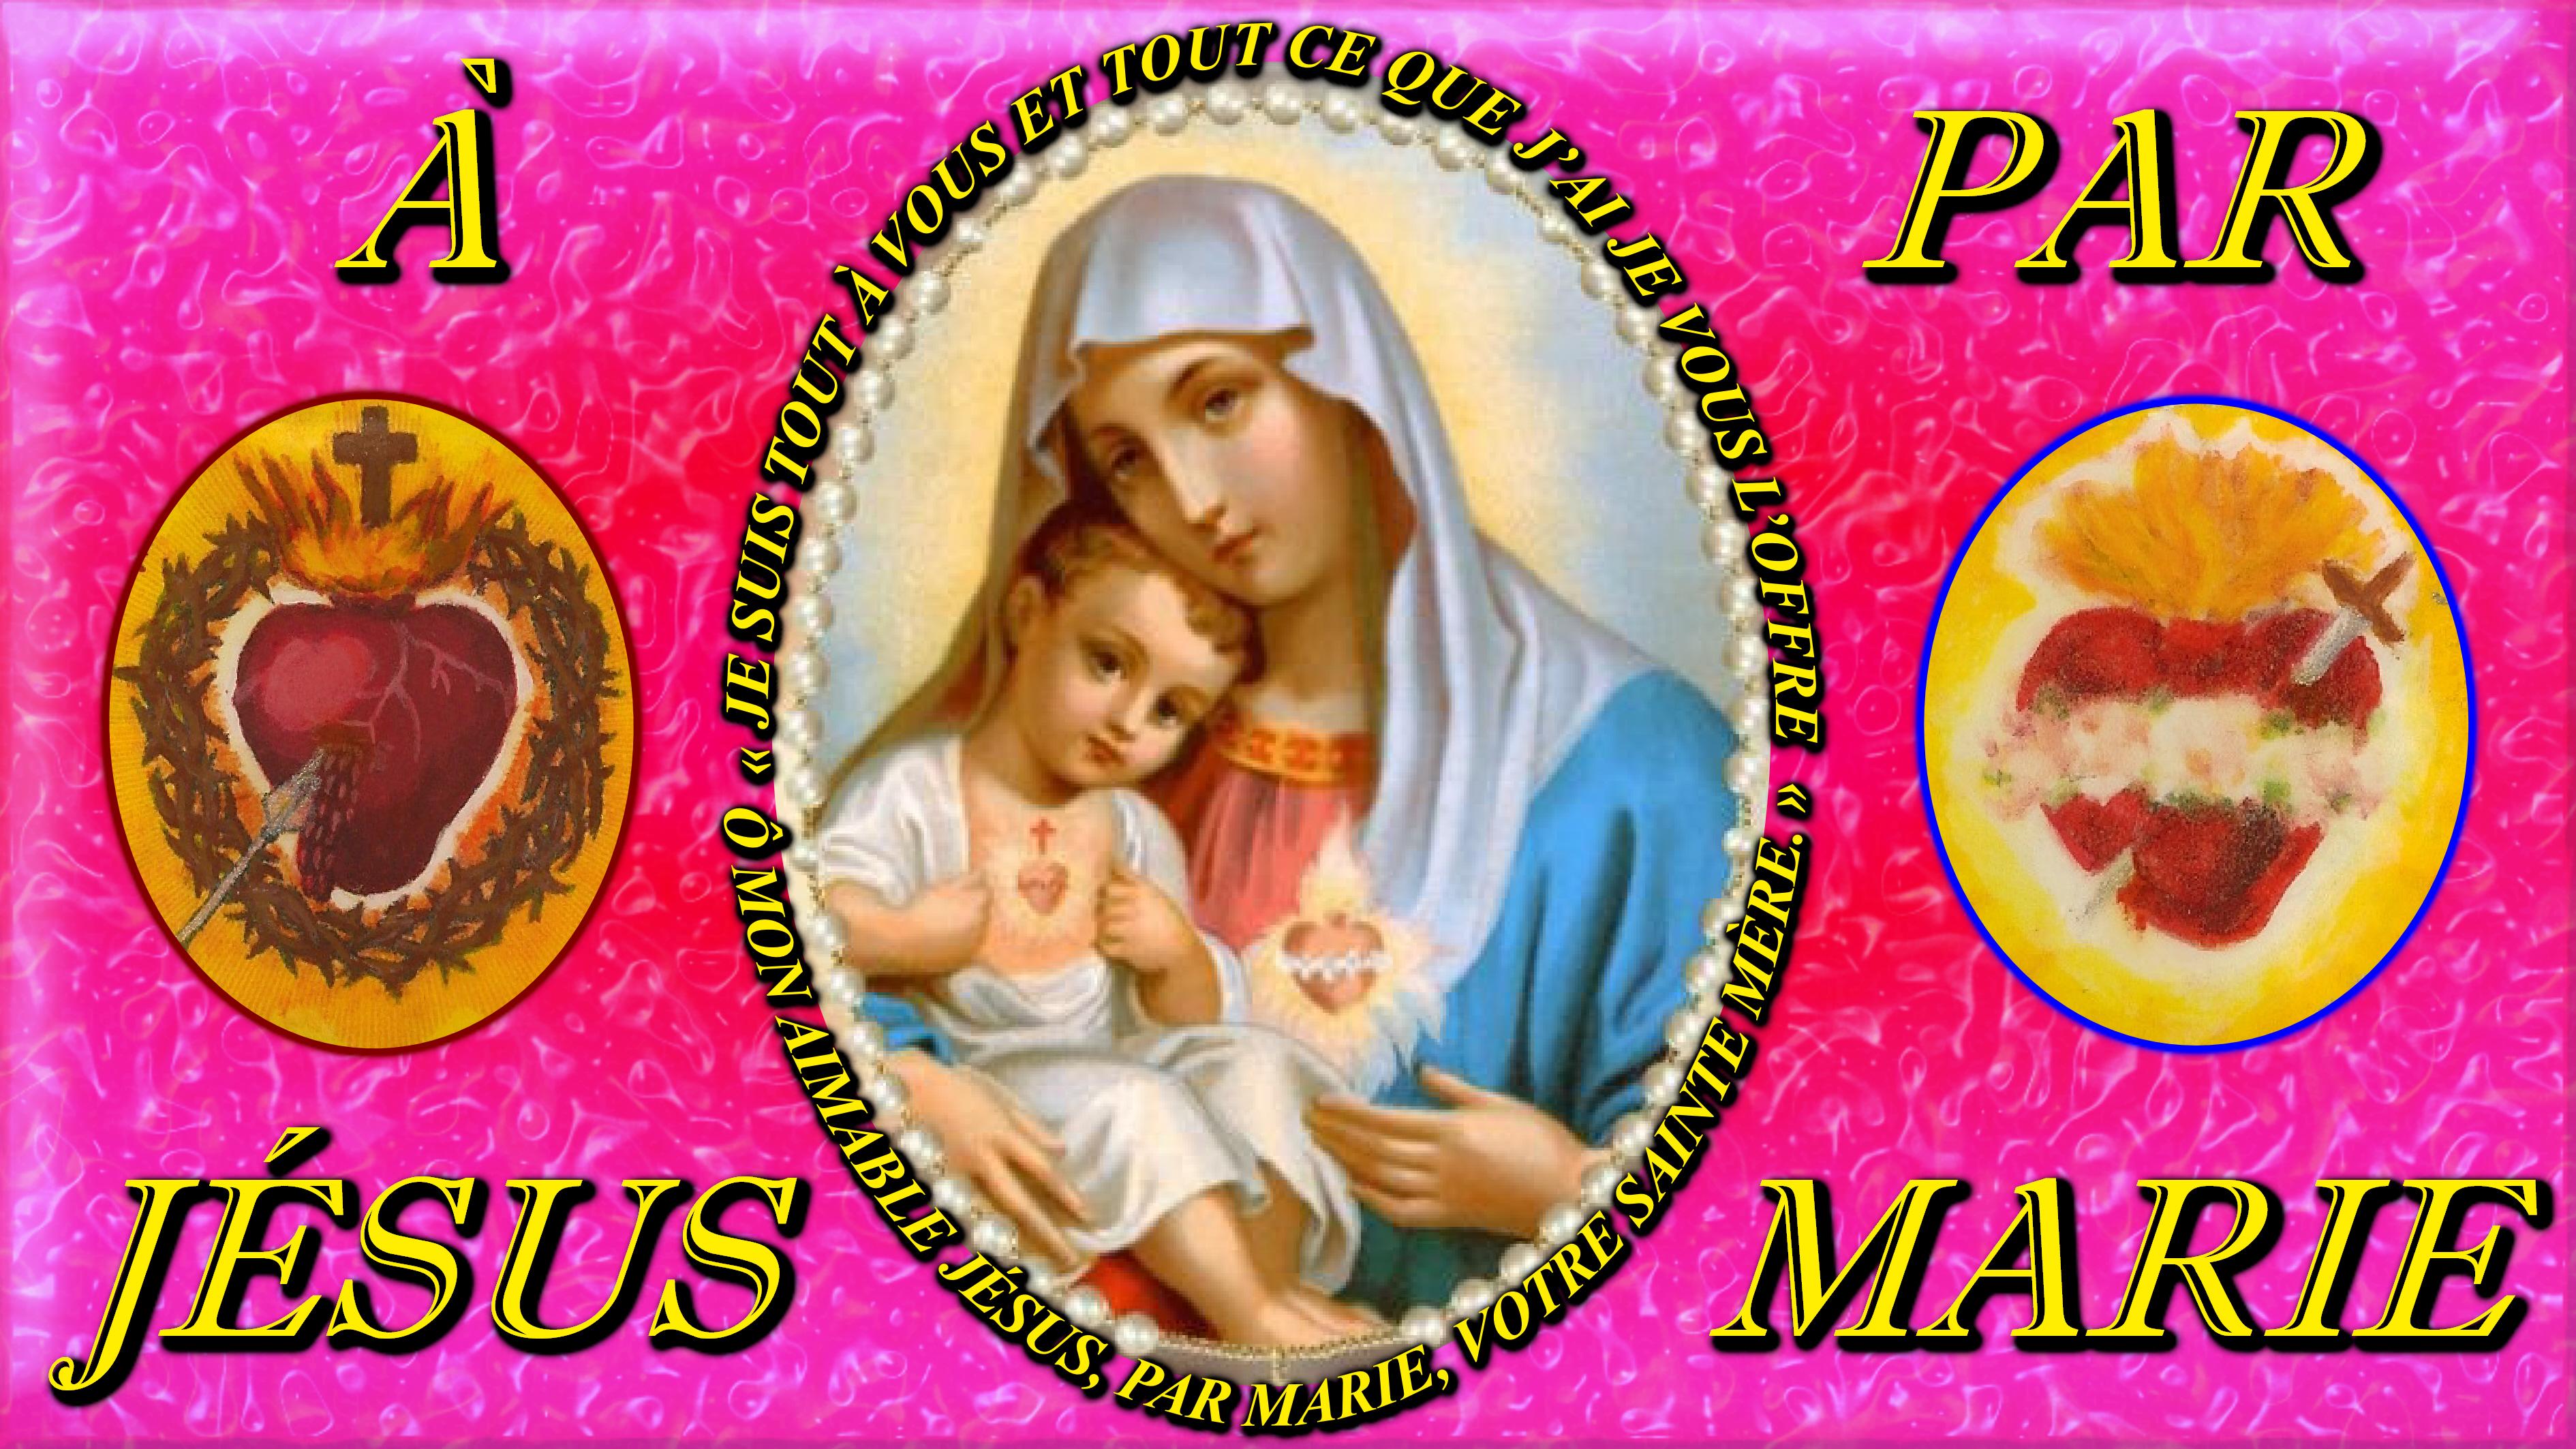 POURQUOI je t'AIME, ô MARIE ! - Page 2 Tij-sus-par-marie-1--55658b5